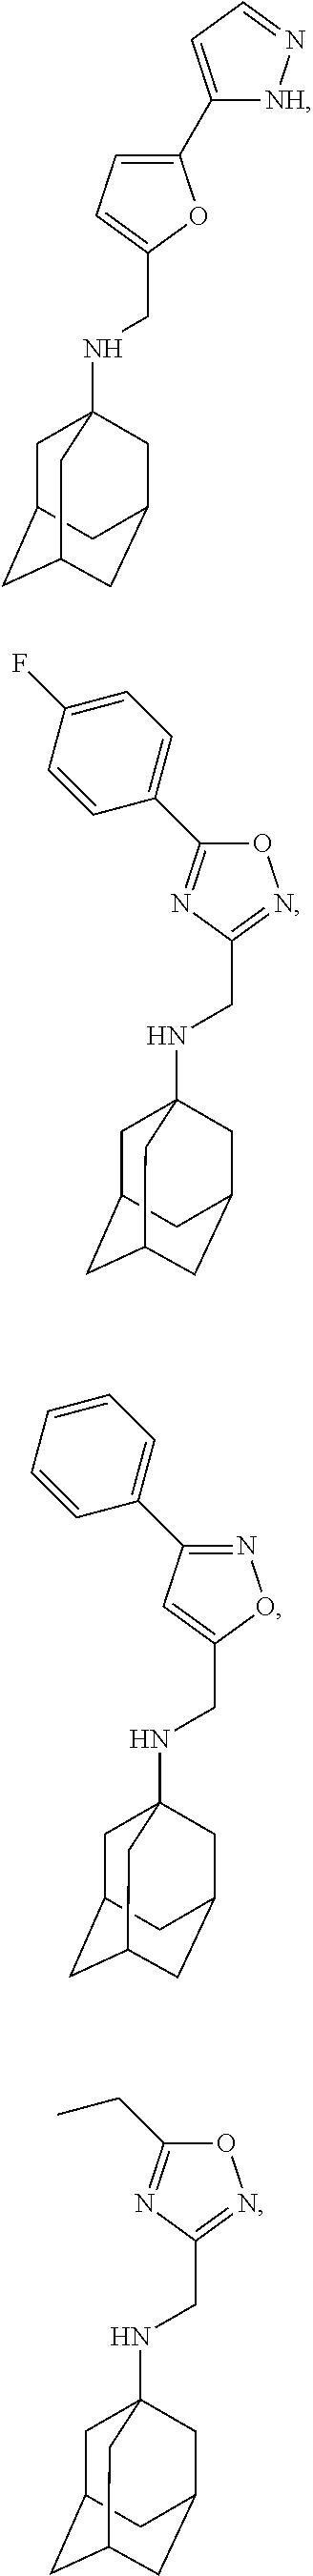 Figure US09884832-20180206-C00165